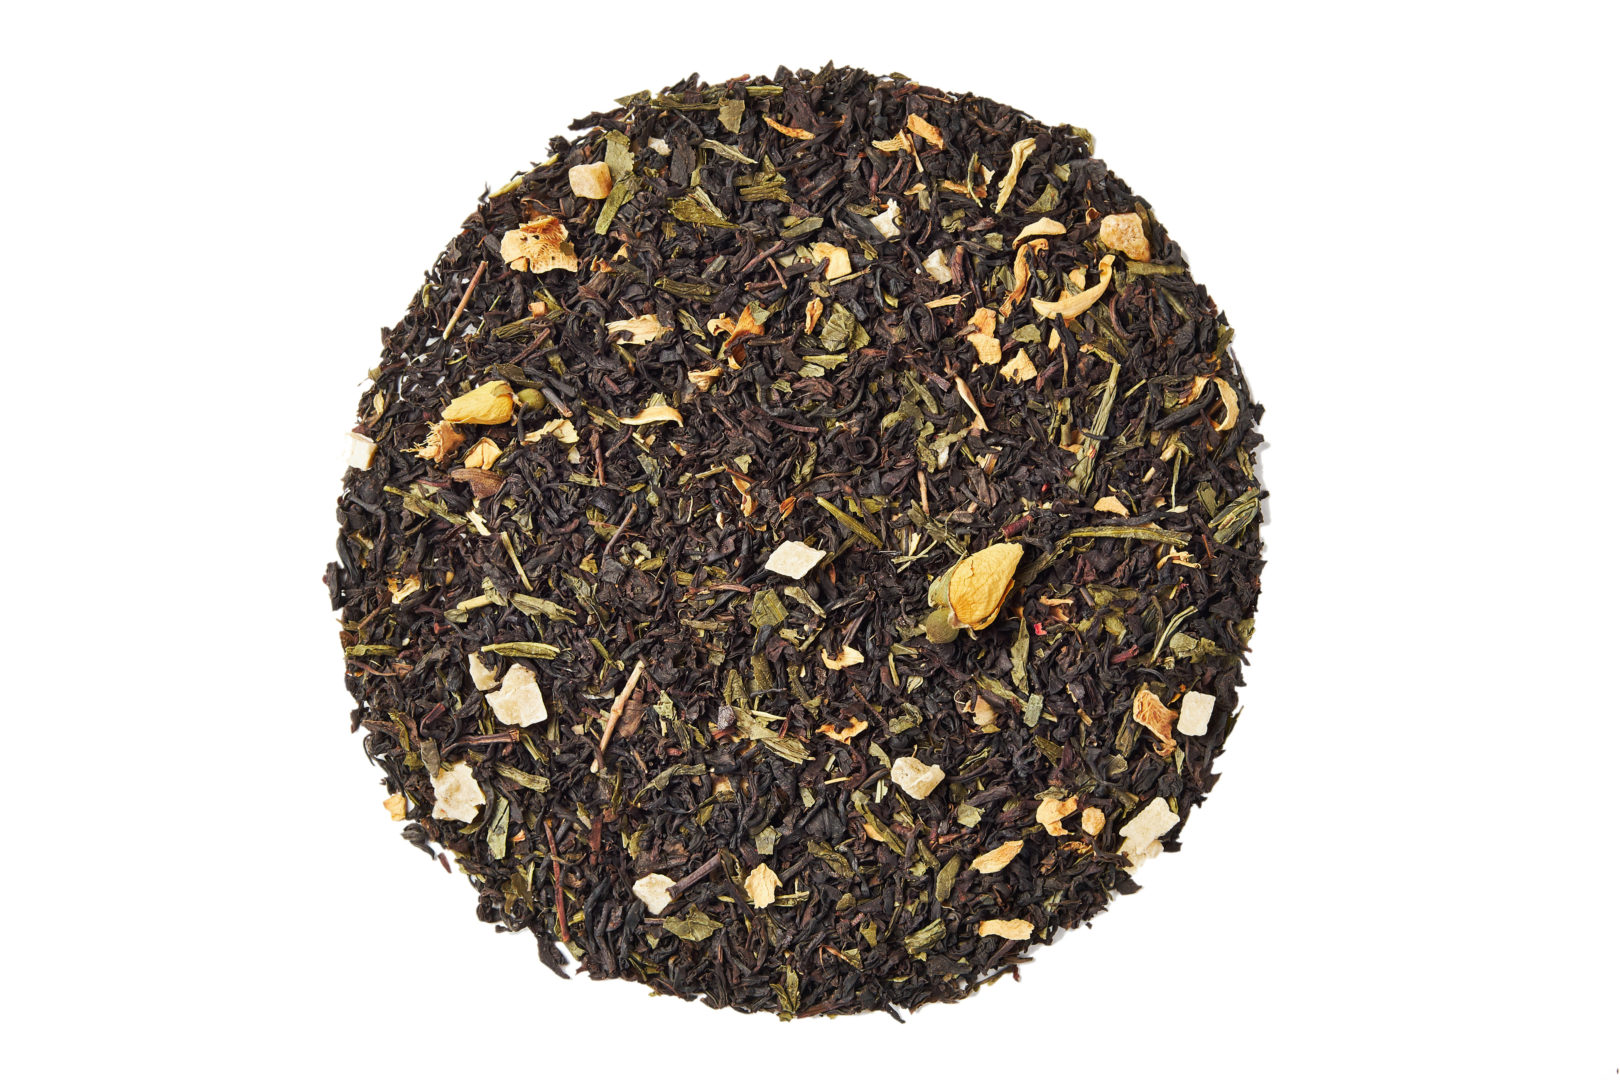 Чай саусеп: что это такое, польза и вред гуанабаны